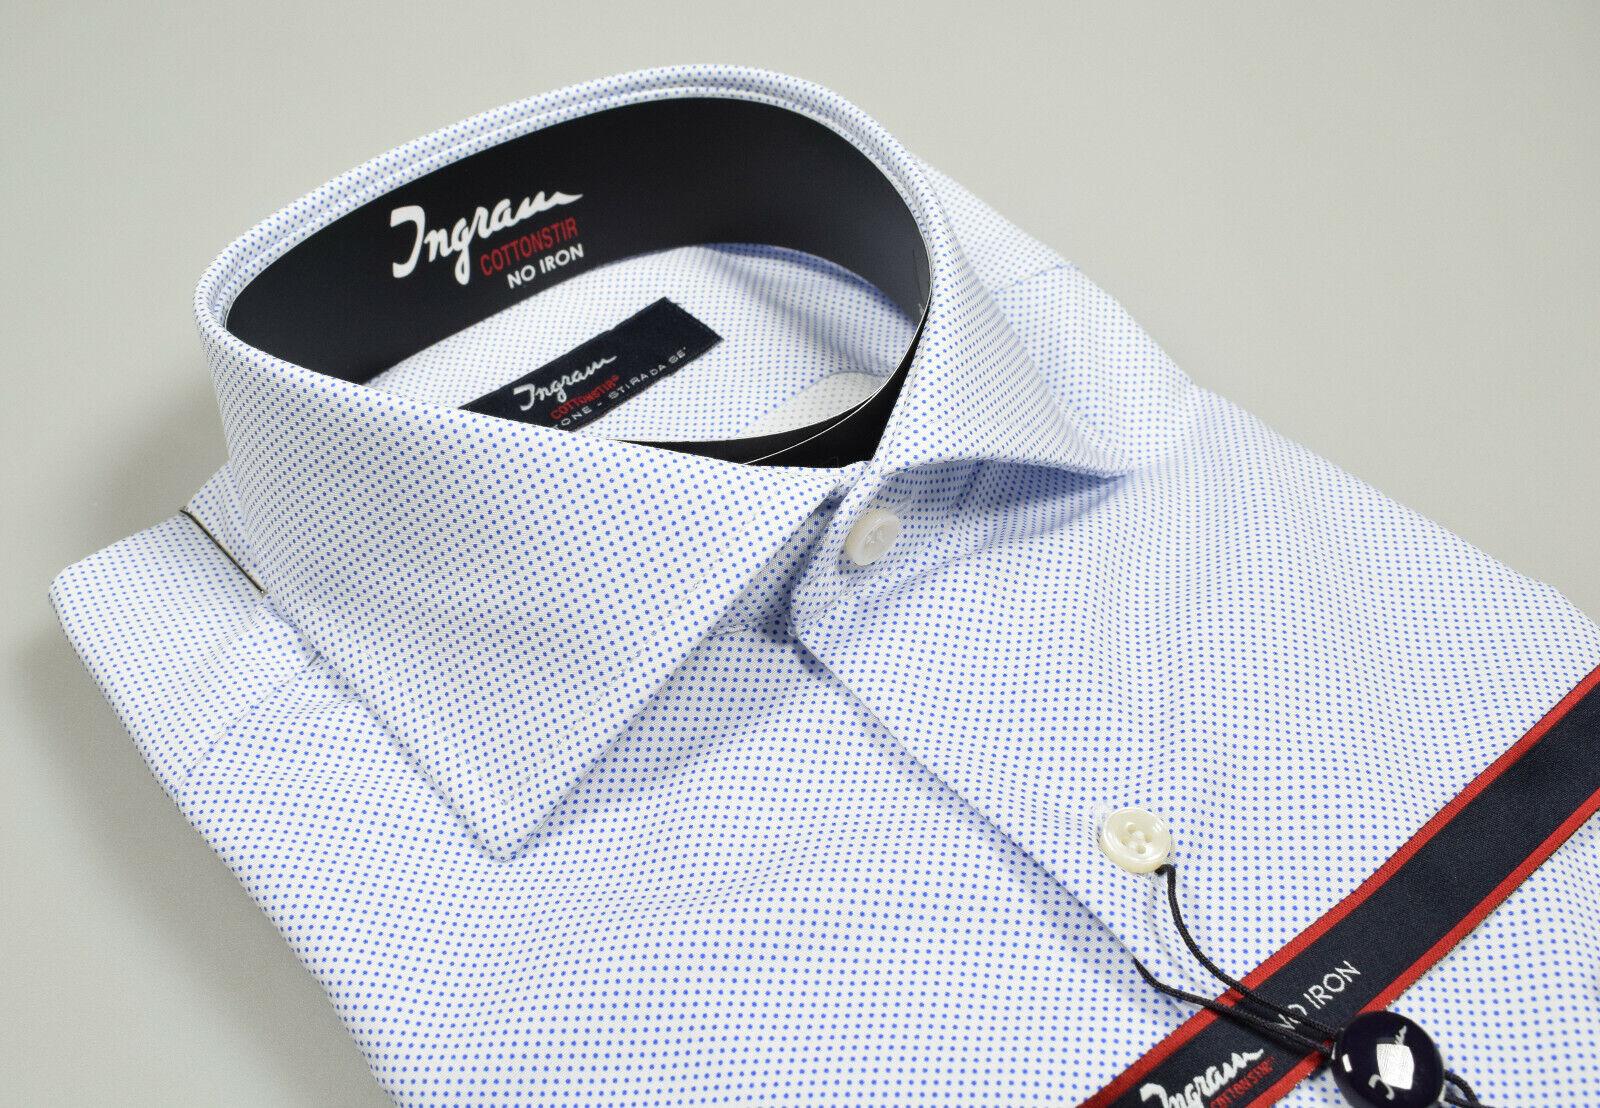 Camicia Ingram Slim Fit fondo Bianco a Pois piccoli Azzurro Collo alla Francese